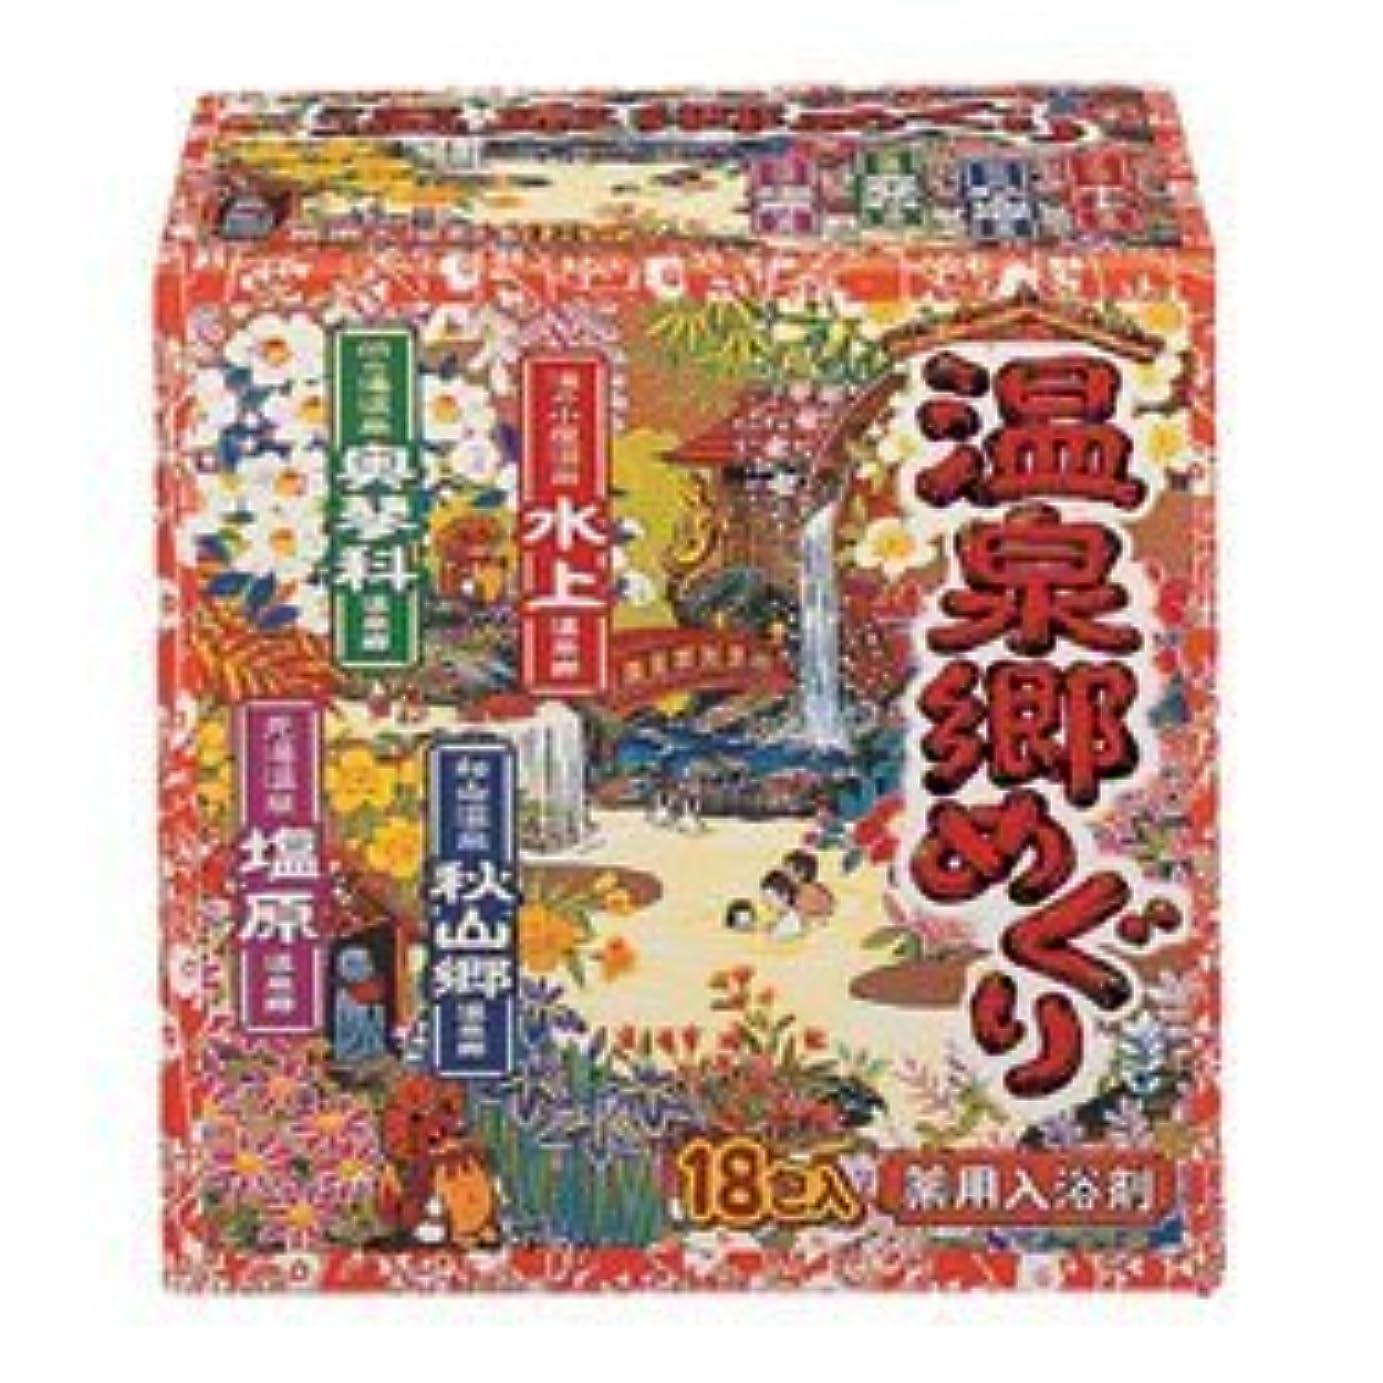 占める金曜日くるみ【アース製薬】温泉郷めぐり 入浴剤 18包入 ×5個セット